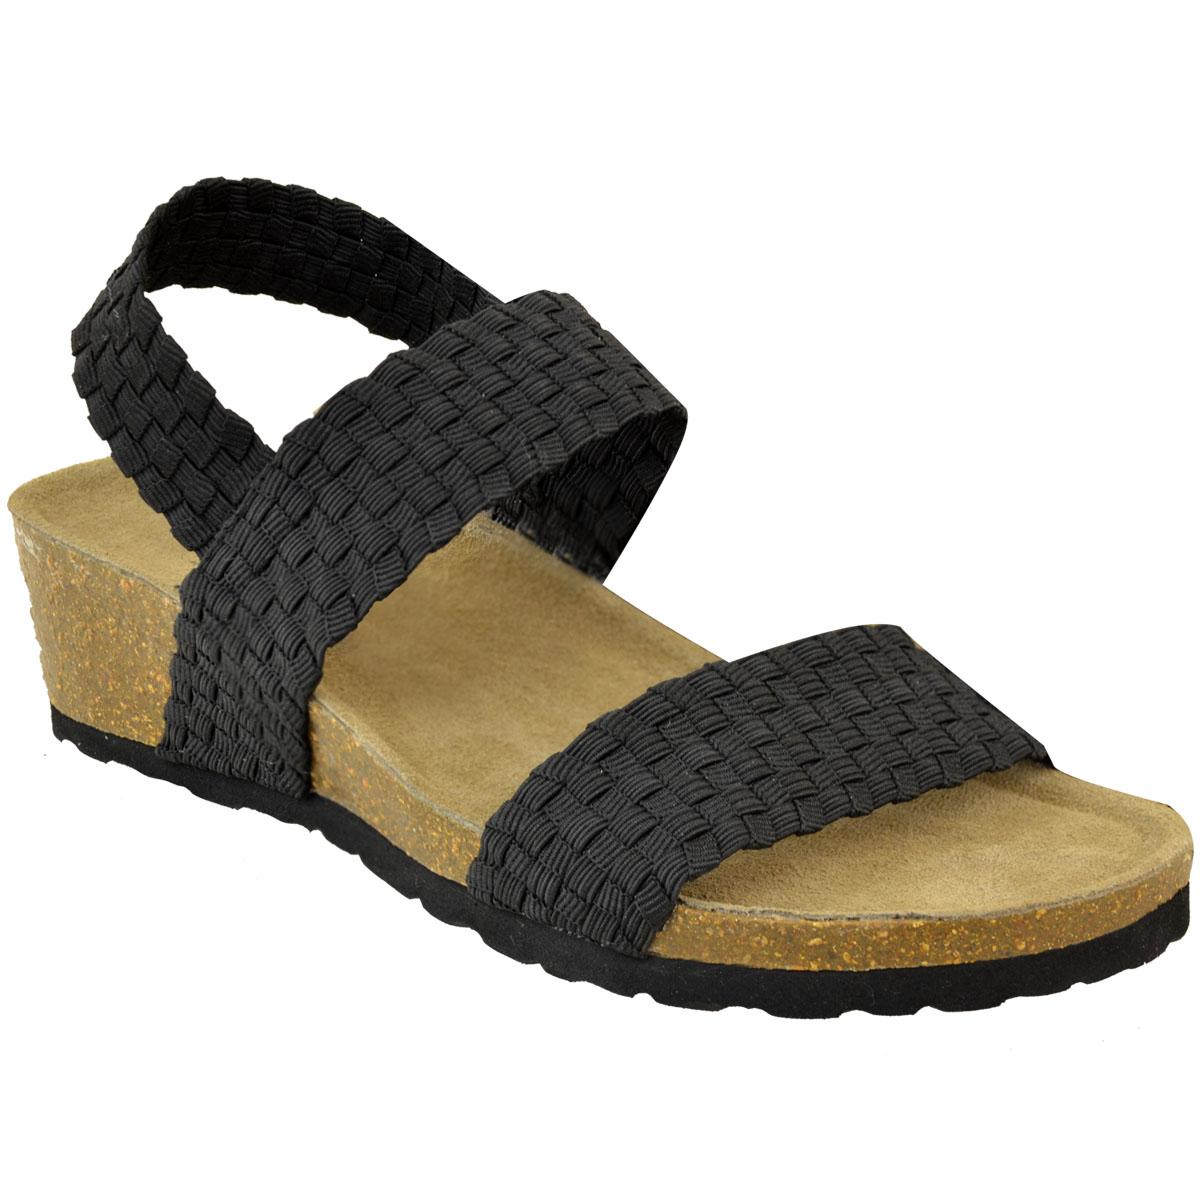 Womens Ladies Low Wedge Heel Sandals